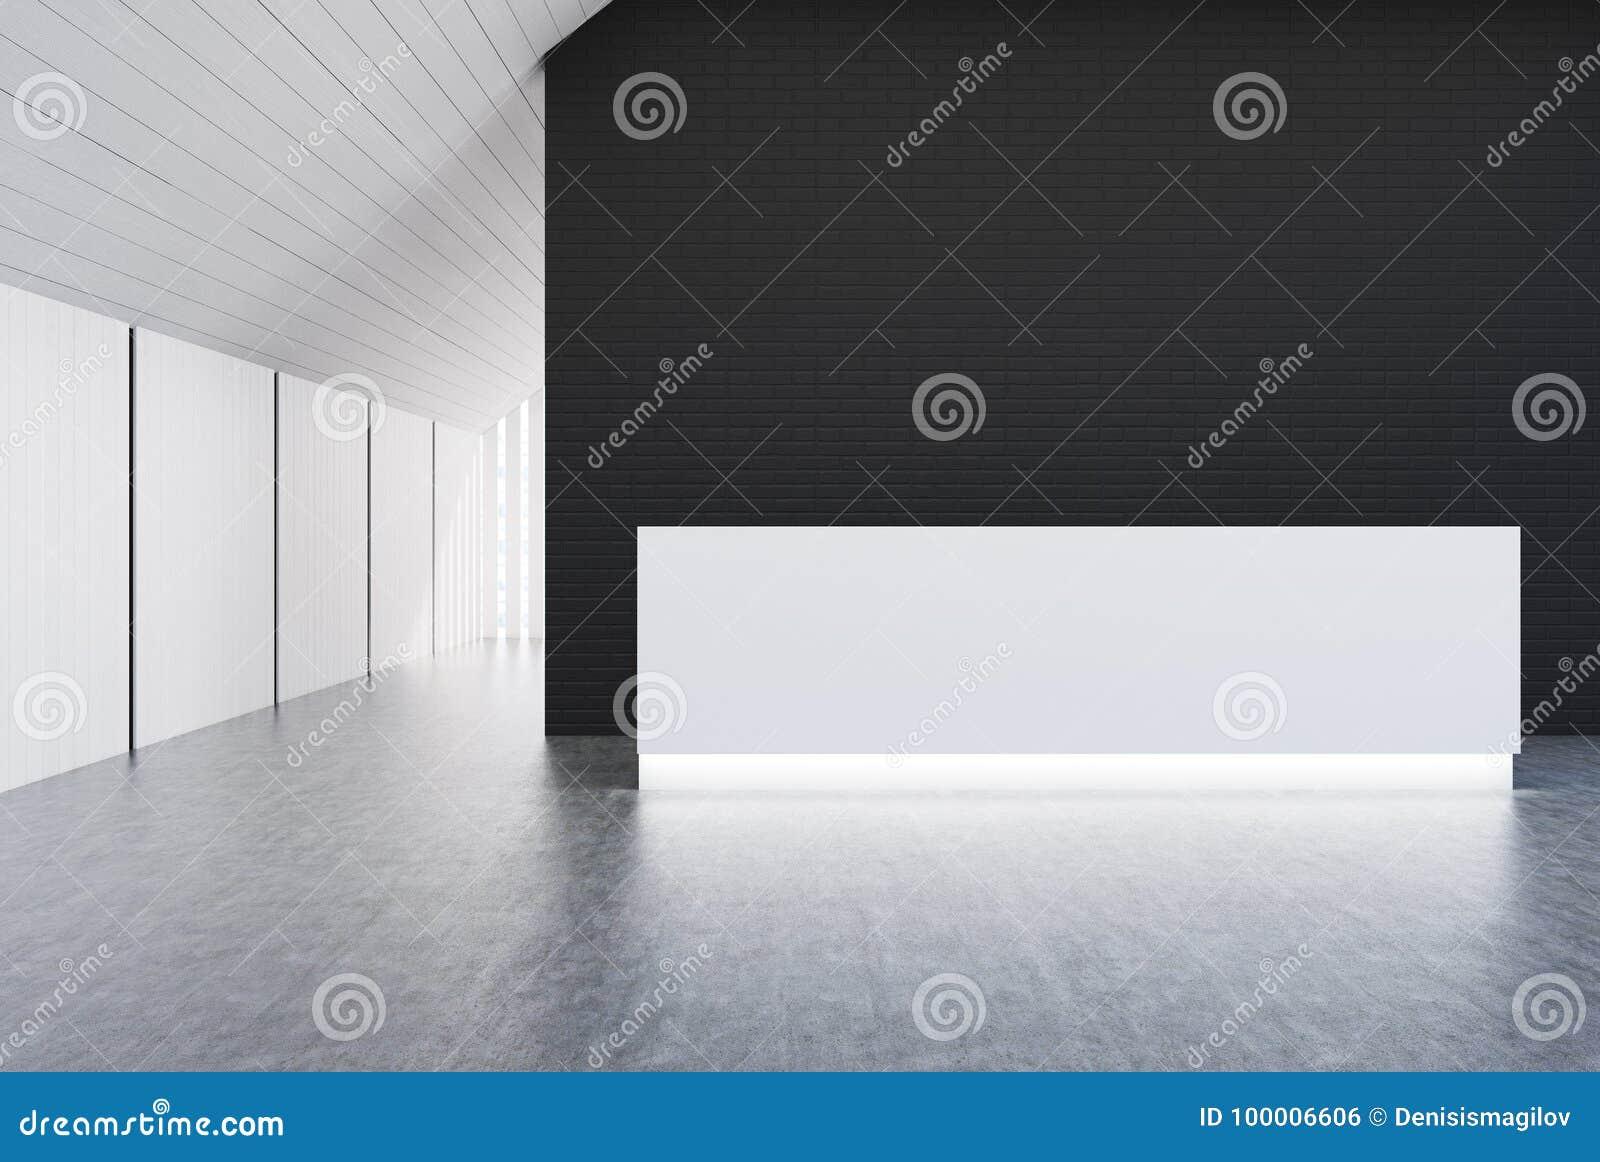 Bureau blanc et noir de mur réception blanche illustration stock